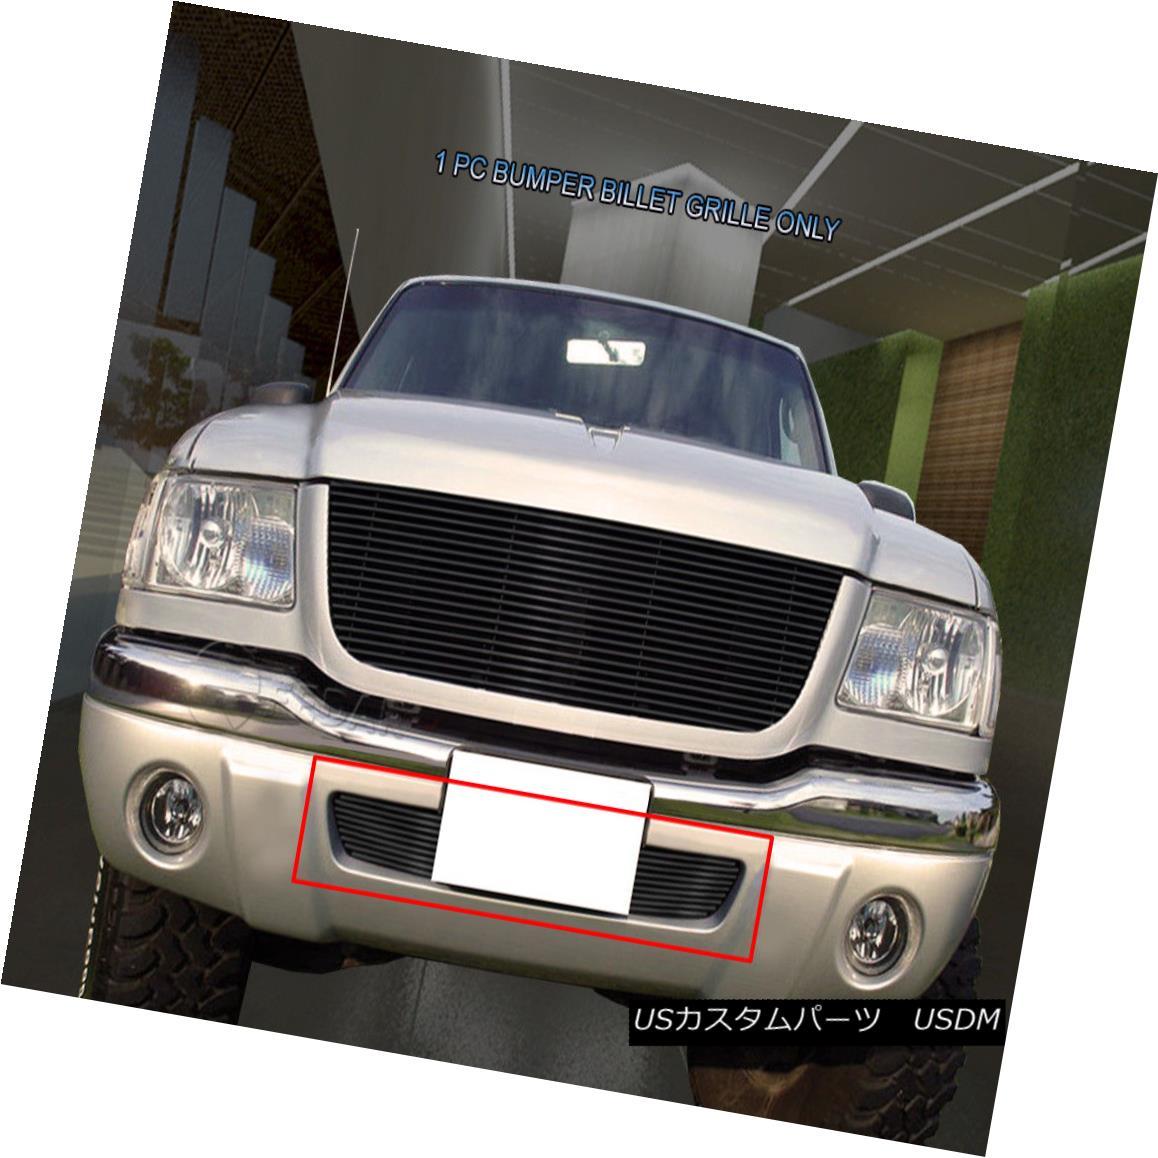 グリル Fedar Fits 01-03 Ford Ranger 4WD/Edge 4WD Black Billet Grille Insert フェーダーフィット01-03フォードレンジャー4WD /エッジ4WDブラックビレットグリルインサート